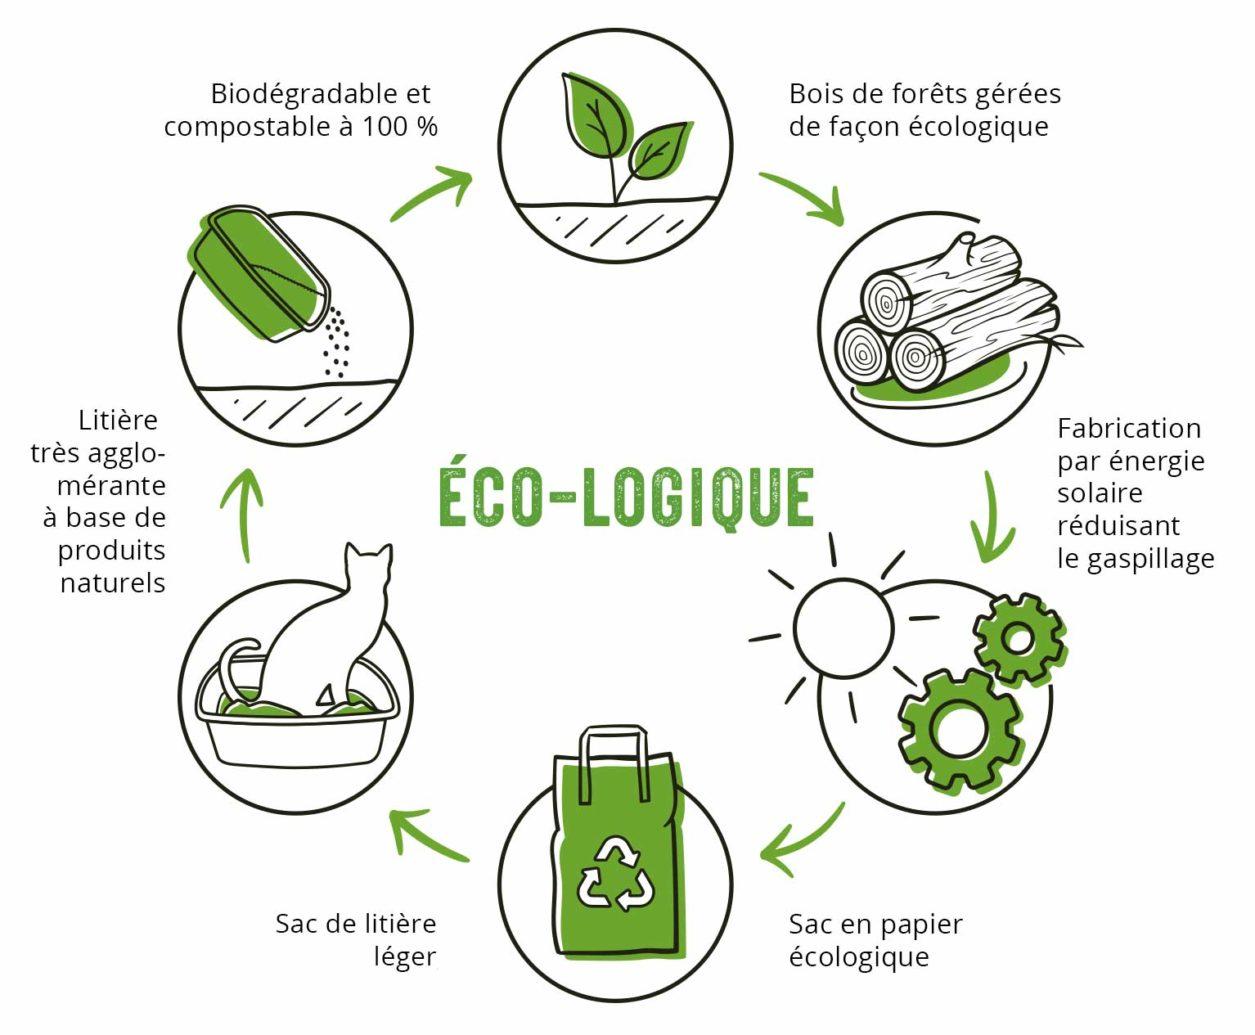 Avec cette litière, vous choisissez de recycler et de donner un coup de main à la nature.